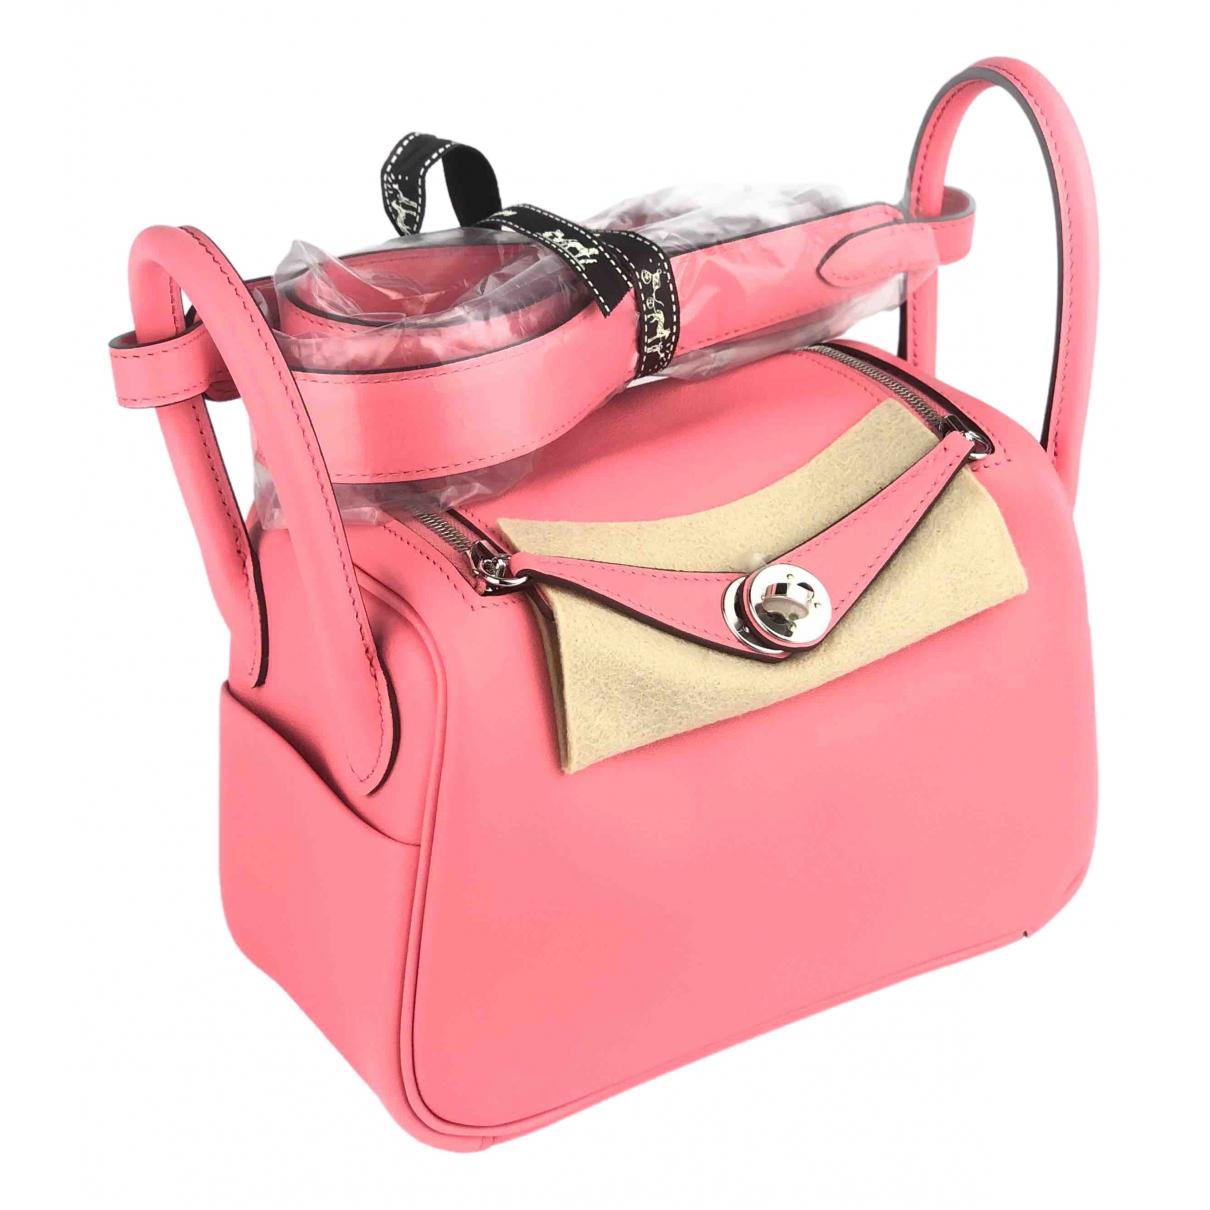 Hermes Lindy Handtasche in  Rosa Leder